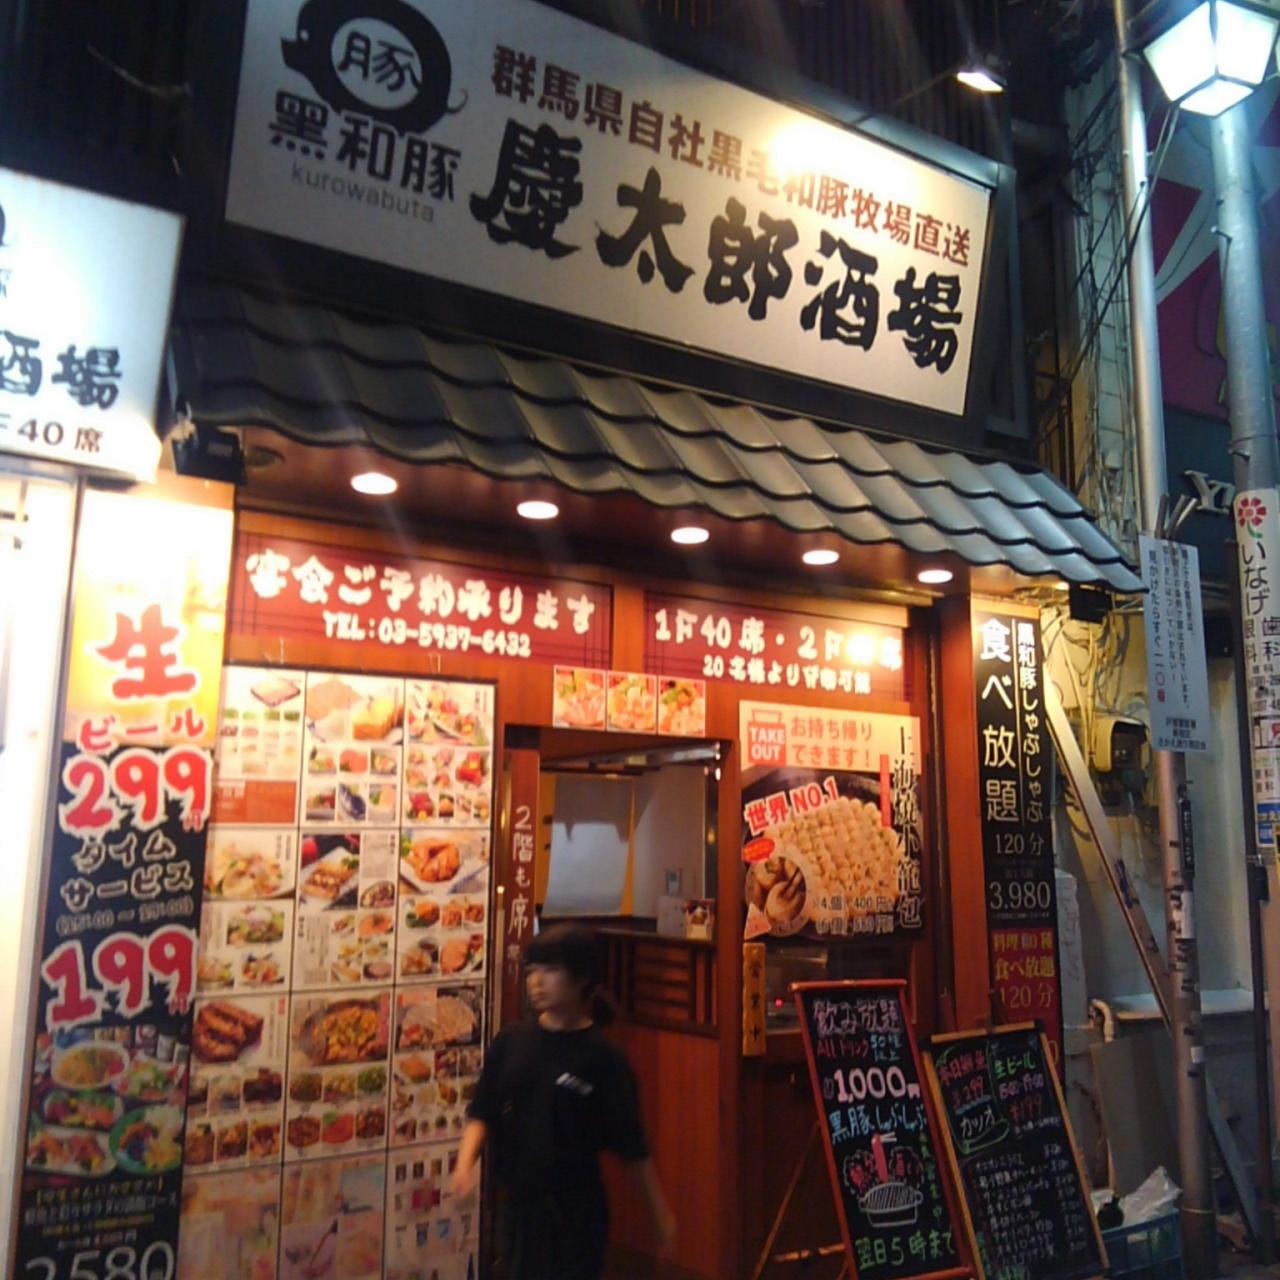 慶太郎酒場(高田馬場) タコワサの新しい食べ方にGOOD!